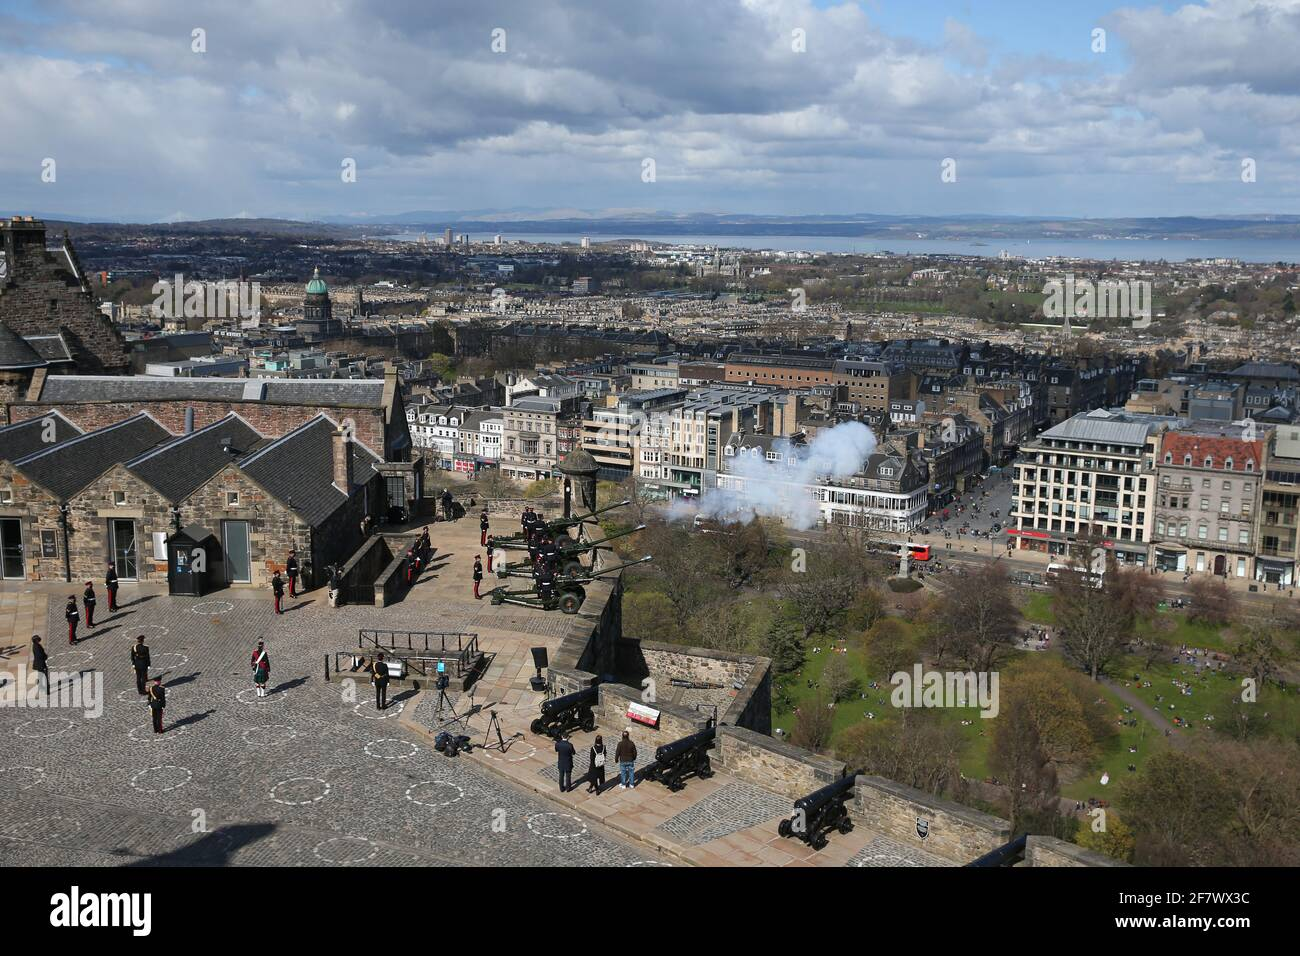 I membri del 105° Regiment Royal Artillery sparano un saluto da 41 armi al Castello di Edimburgo, per celebrare la morte del Duca di Edimburgo. Data immagine: Sabato 10 aprile 2021. Foto Stock